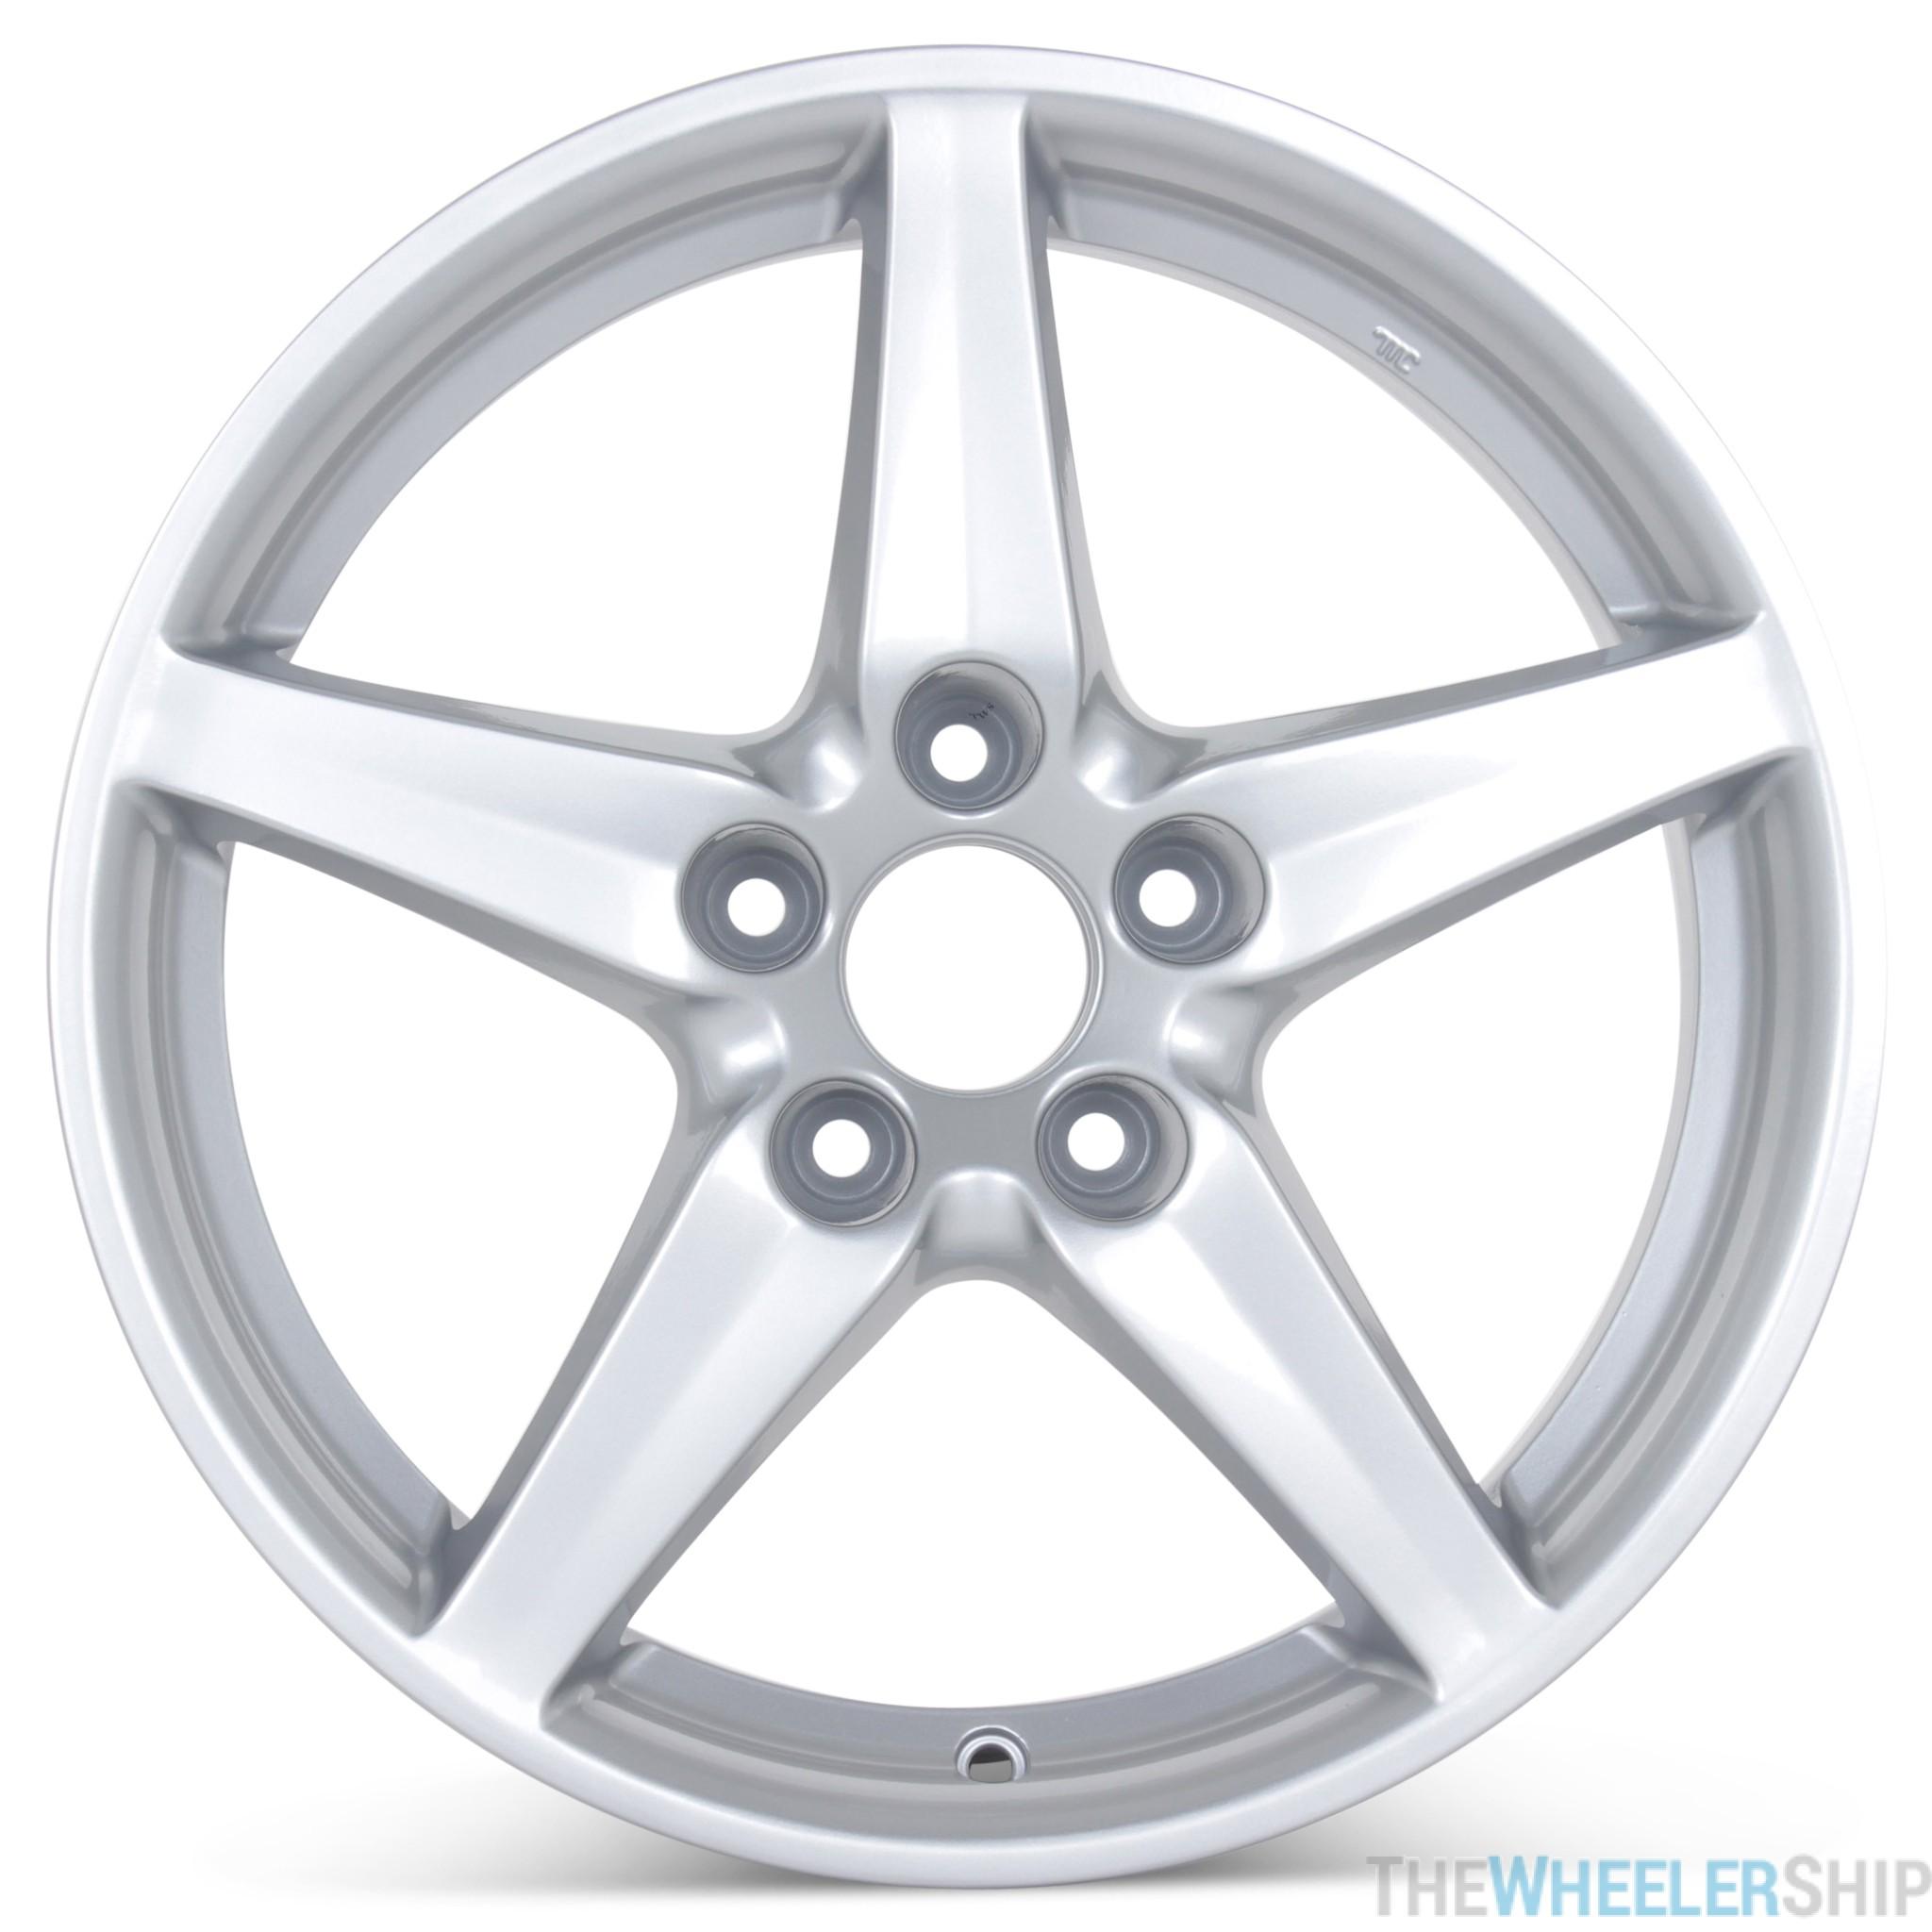 2005-2006 Acura RSX Type-S Wheels